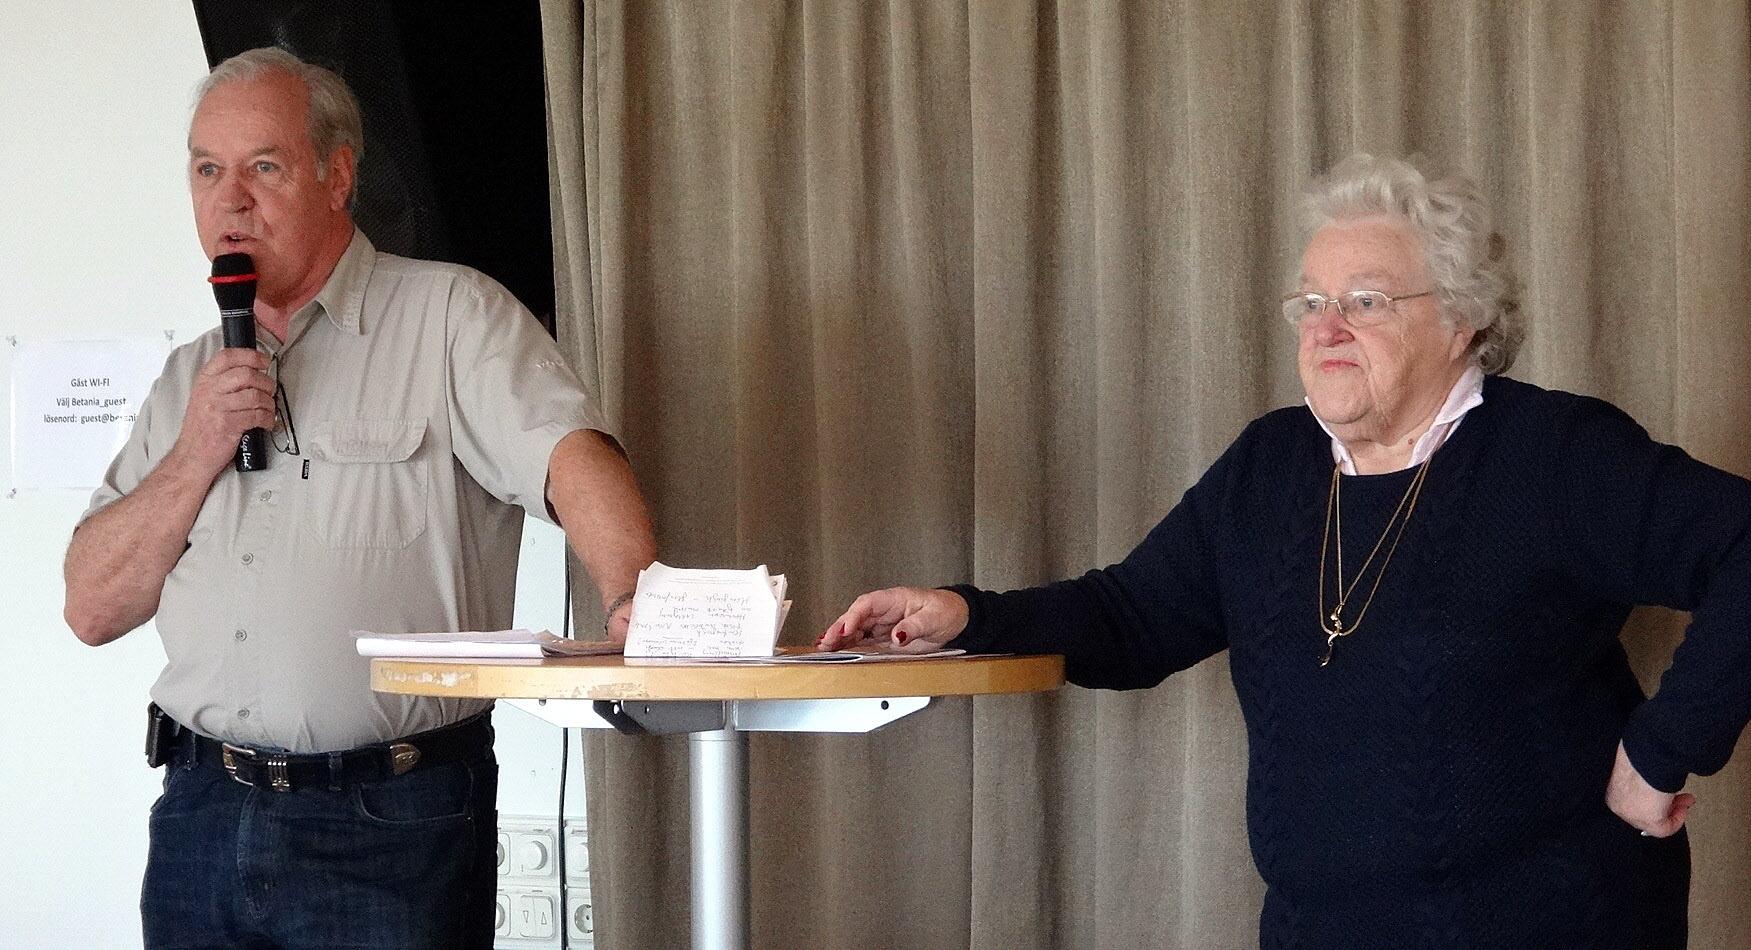 Seniordans 18.00-20.00 varje söndag vid Axel Dalströms torg, se annons i tidningen.